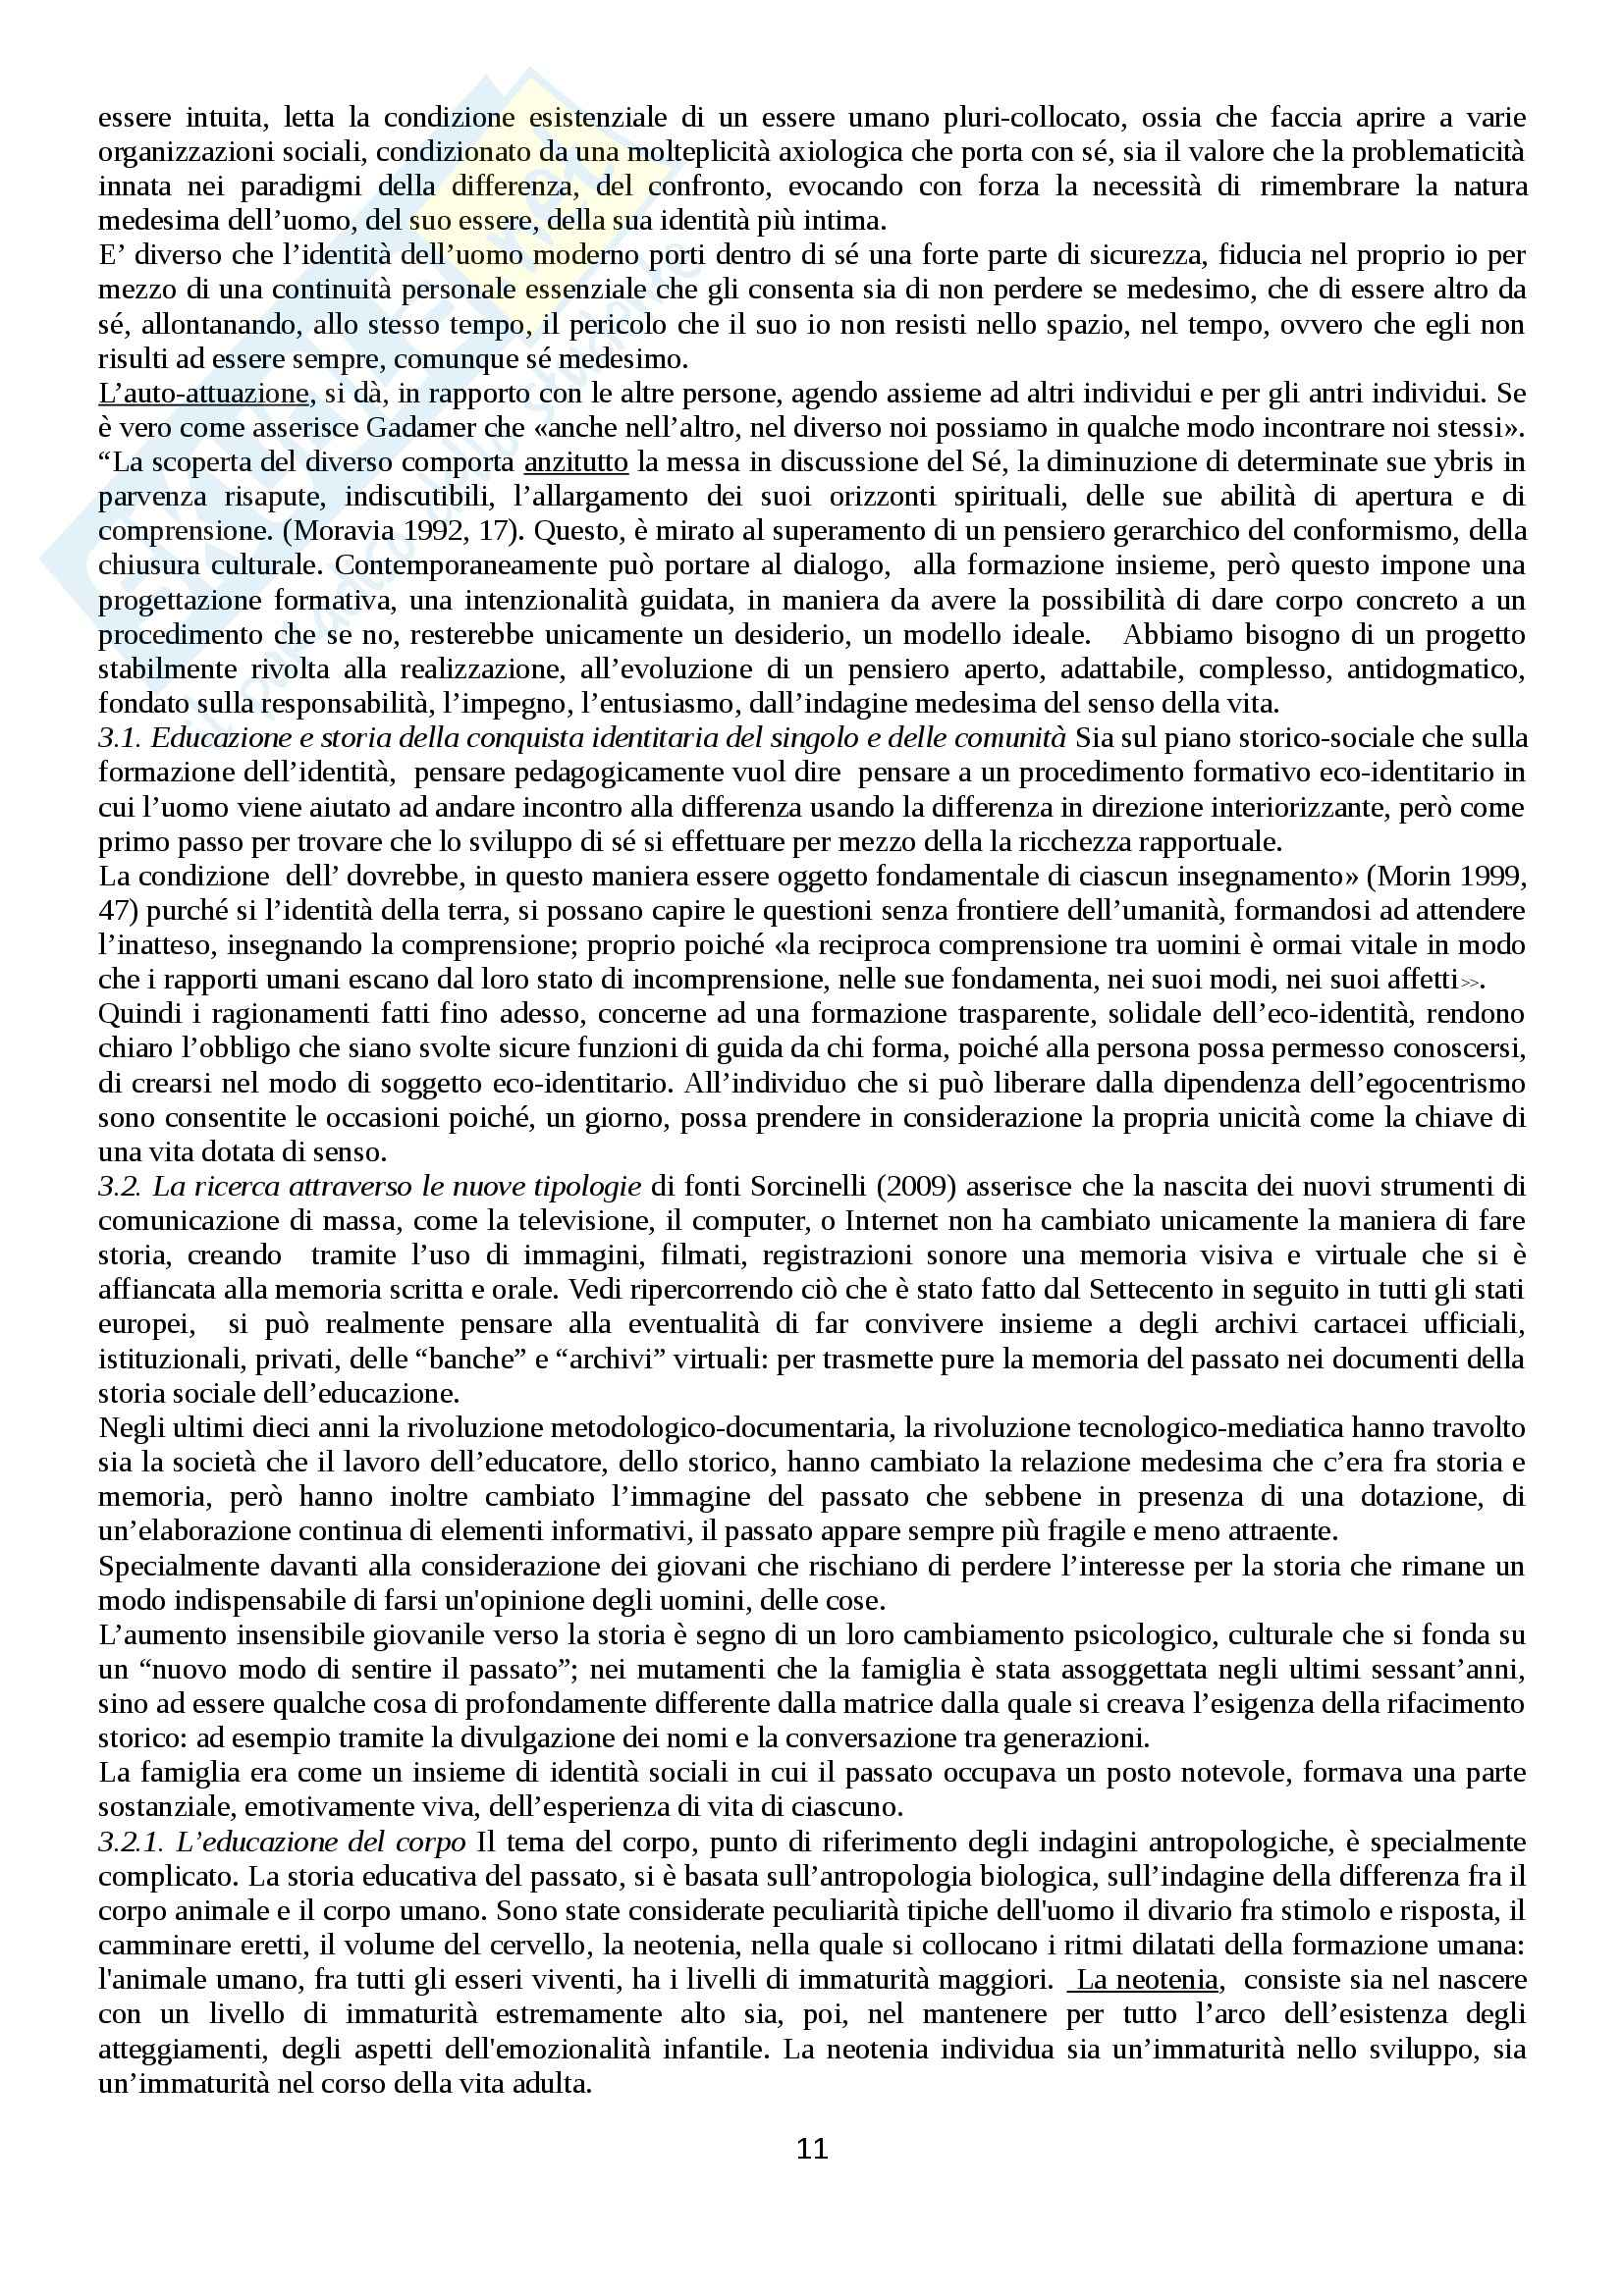 Riassunto esame Storia sociale dell'educazione, prof. Minello Pag. 11